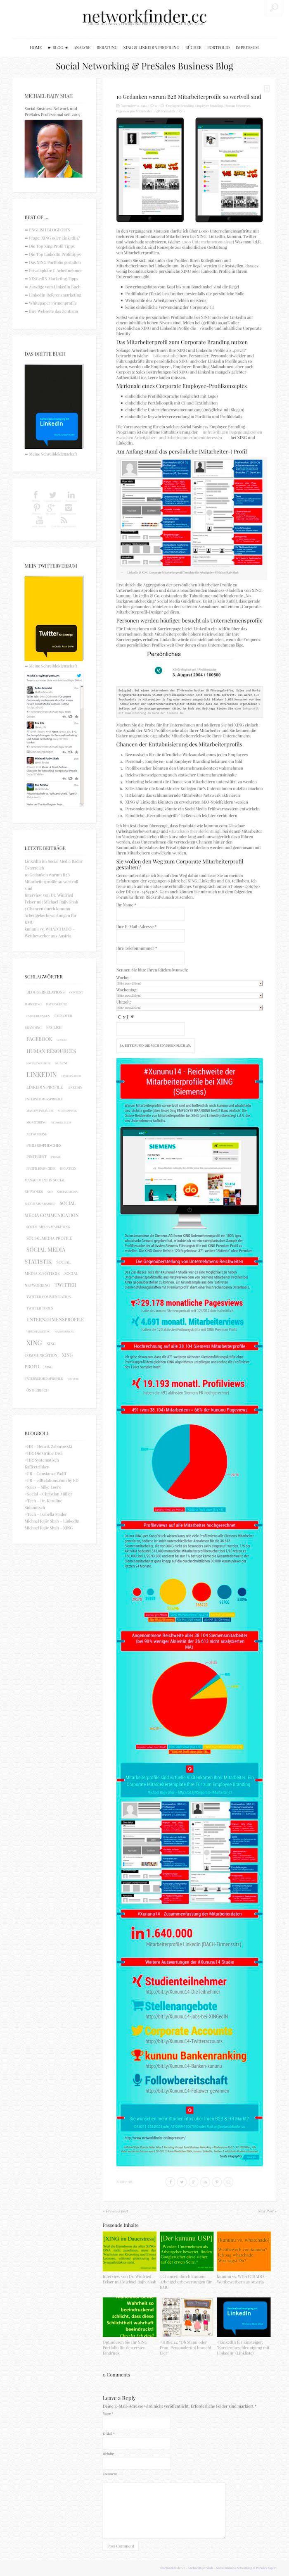 Das Corporate Mitarbeiter Profil von Arbeitgebern bei #XING und #LinkedIn inkl. #Infografik zur kummulierten Reichweite am Bsp. der #Siemens AG http://www.networkfinder.cc/xing-linkedin-facebook-profiles/10-punkte-warum-b2b-mitarbeiterprofile-so-wertvoll-sind/